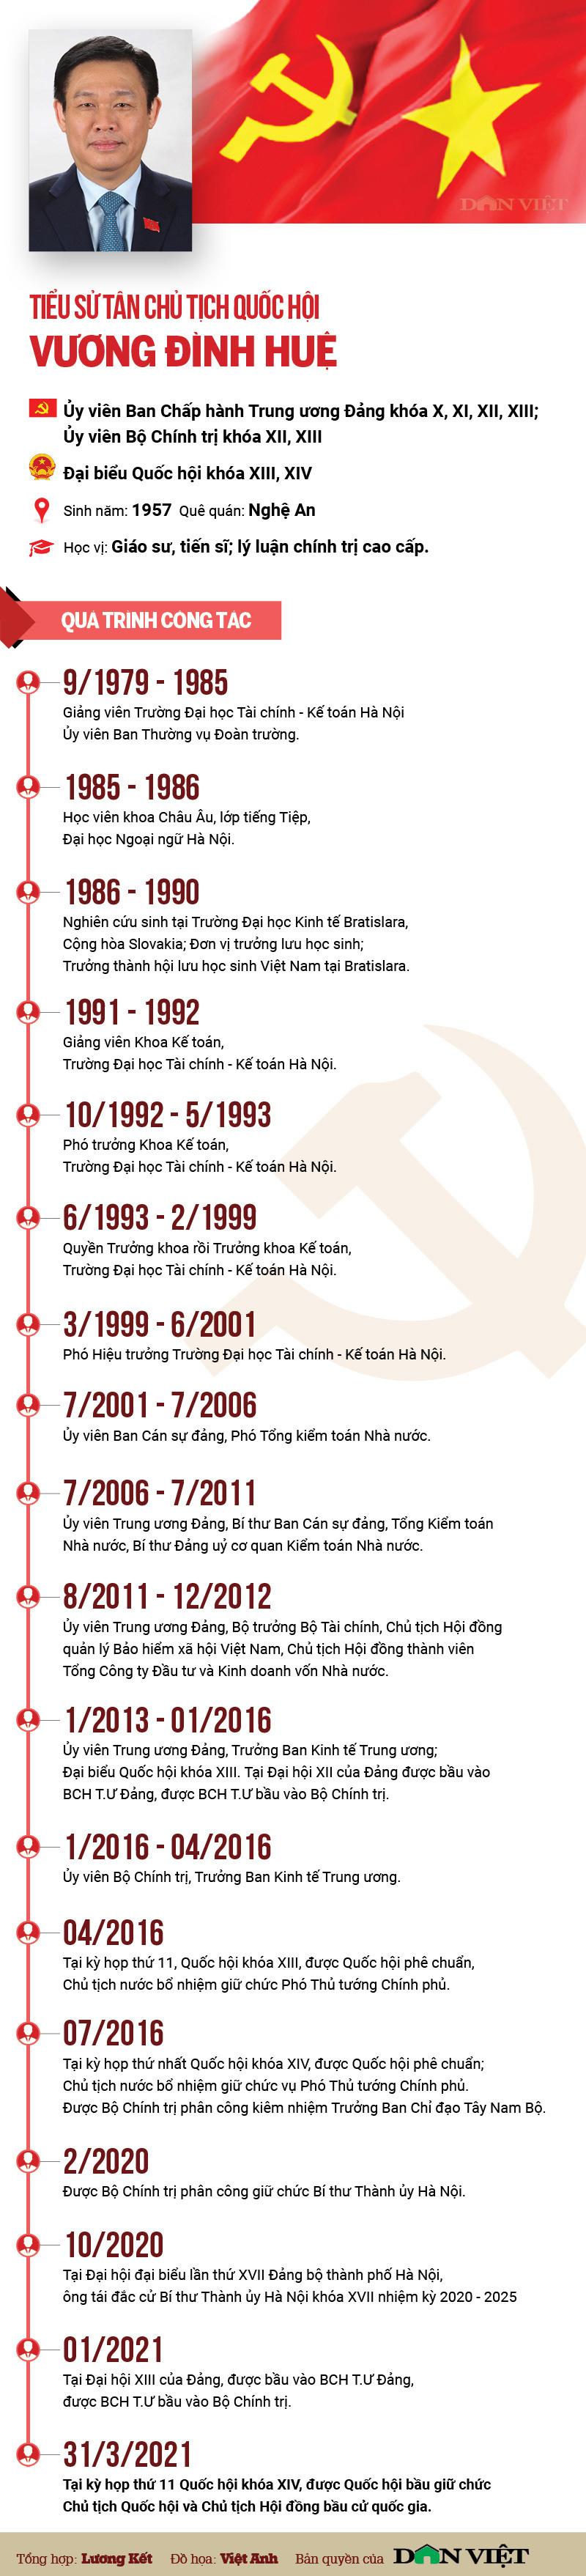 Infographic Ủy viên Bộ Chính trị Vương Đình Huệ: Từ giảng viên đại học đến người đứng đầu Quốc hội - Ảnh 1.